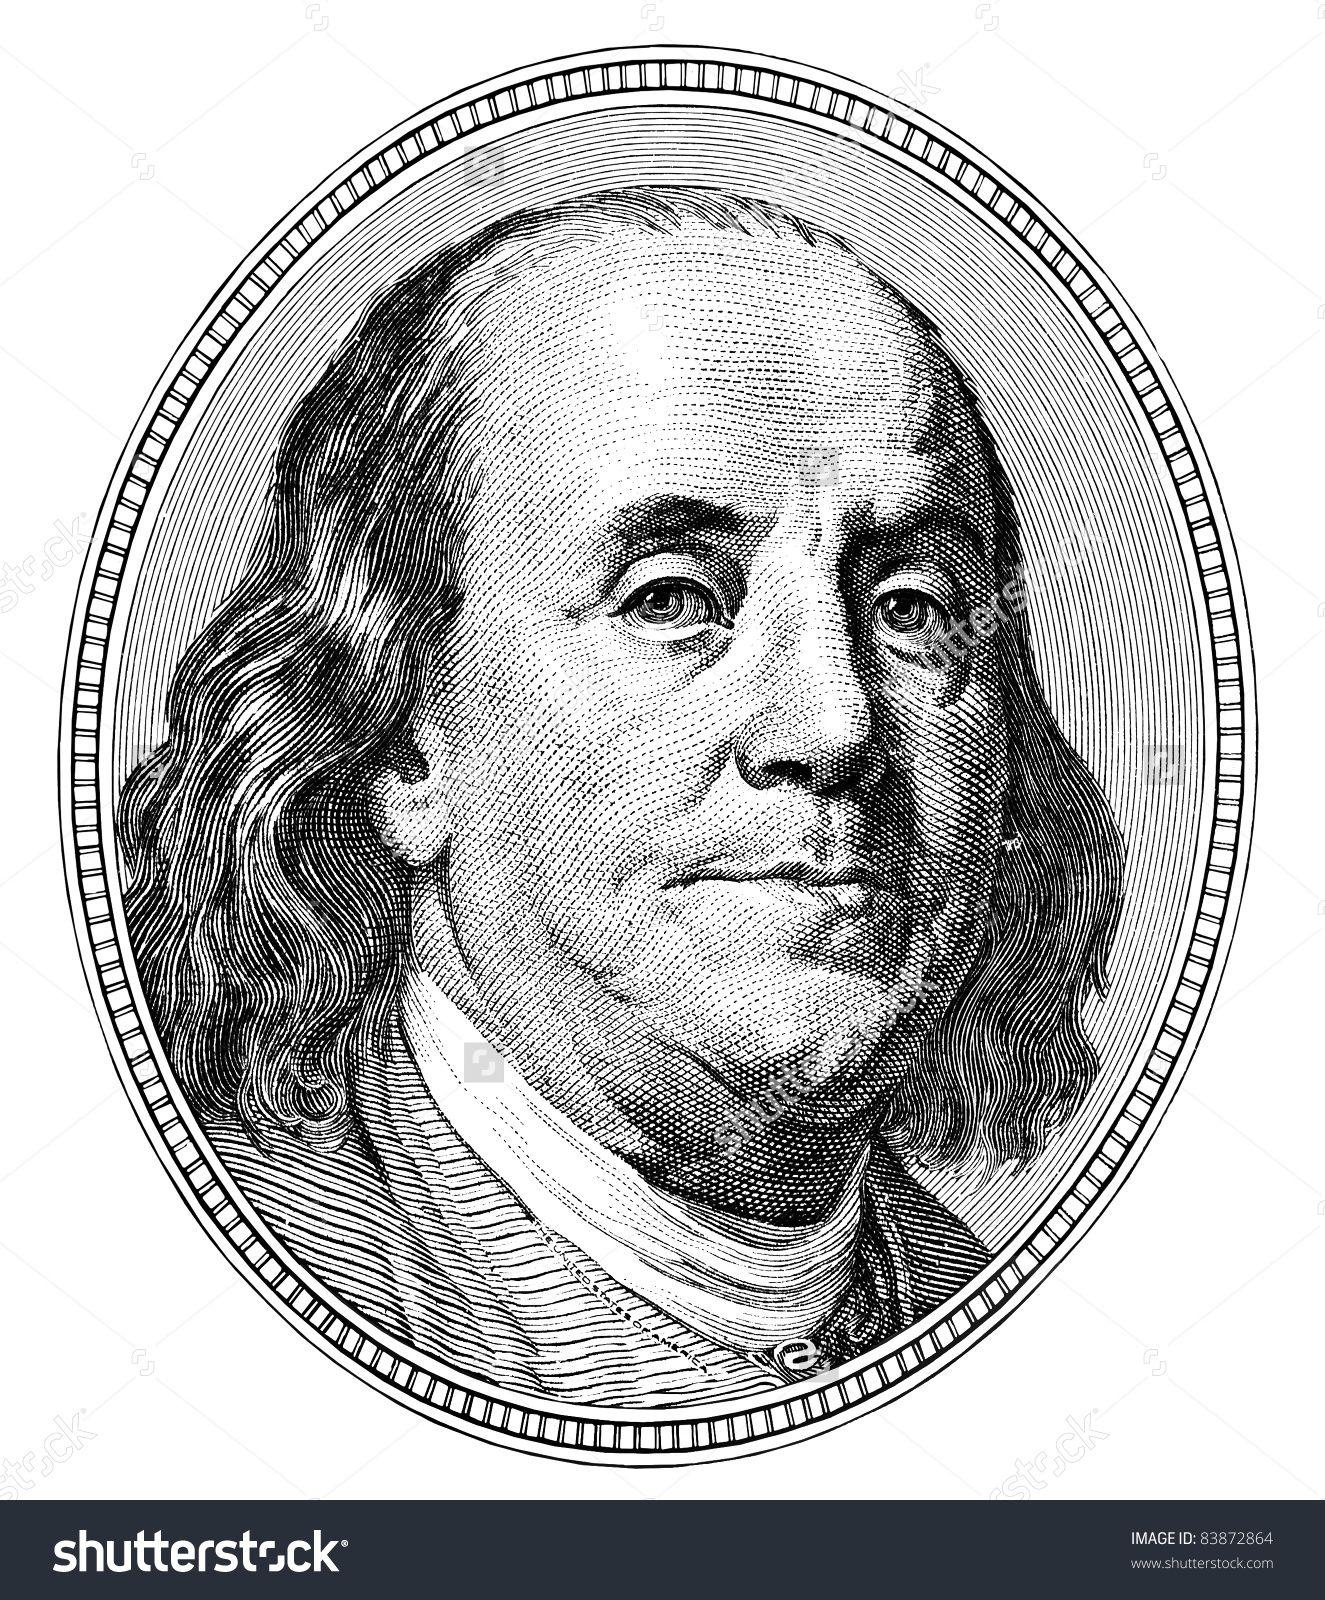 Stock Photo Benjamin Franklin Qualitative Portrait From